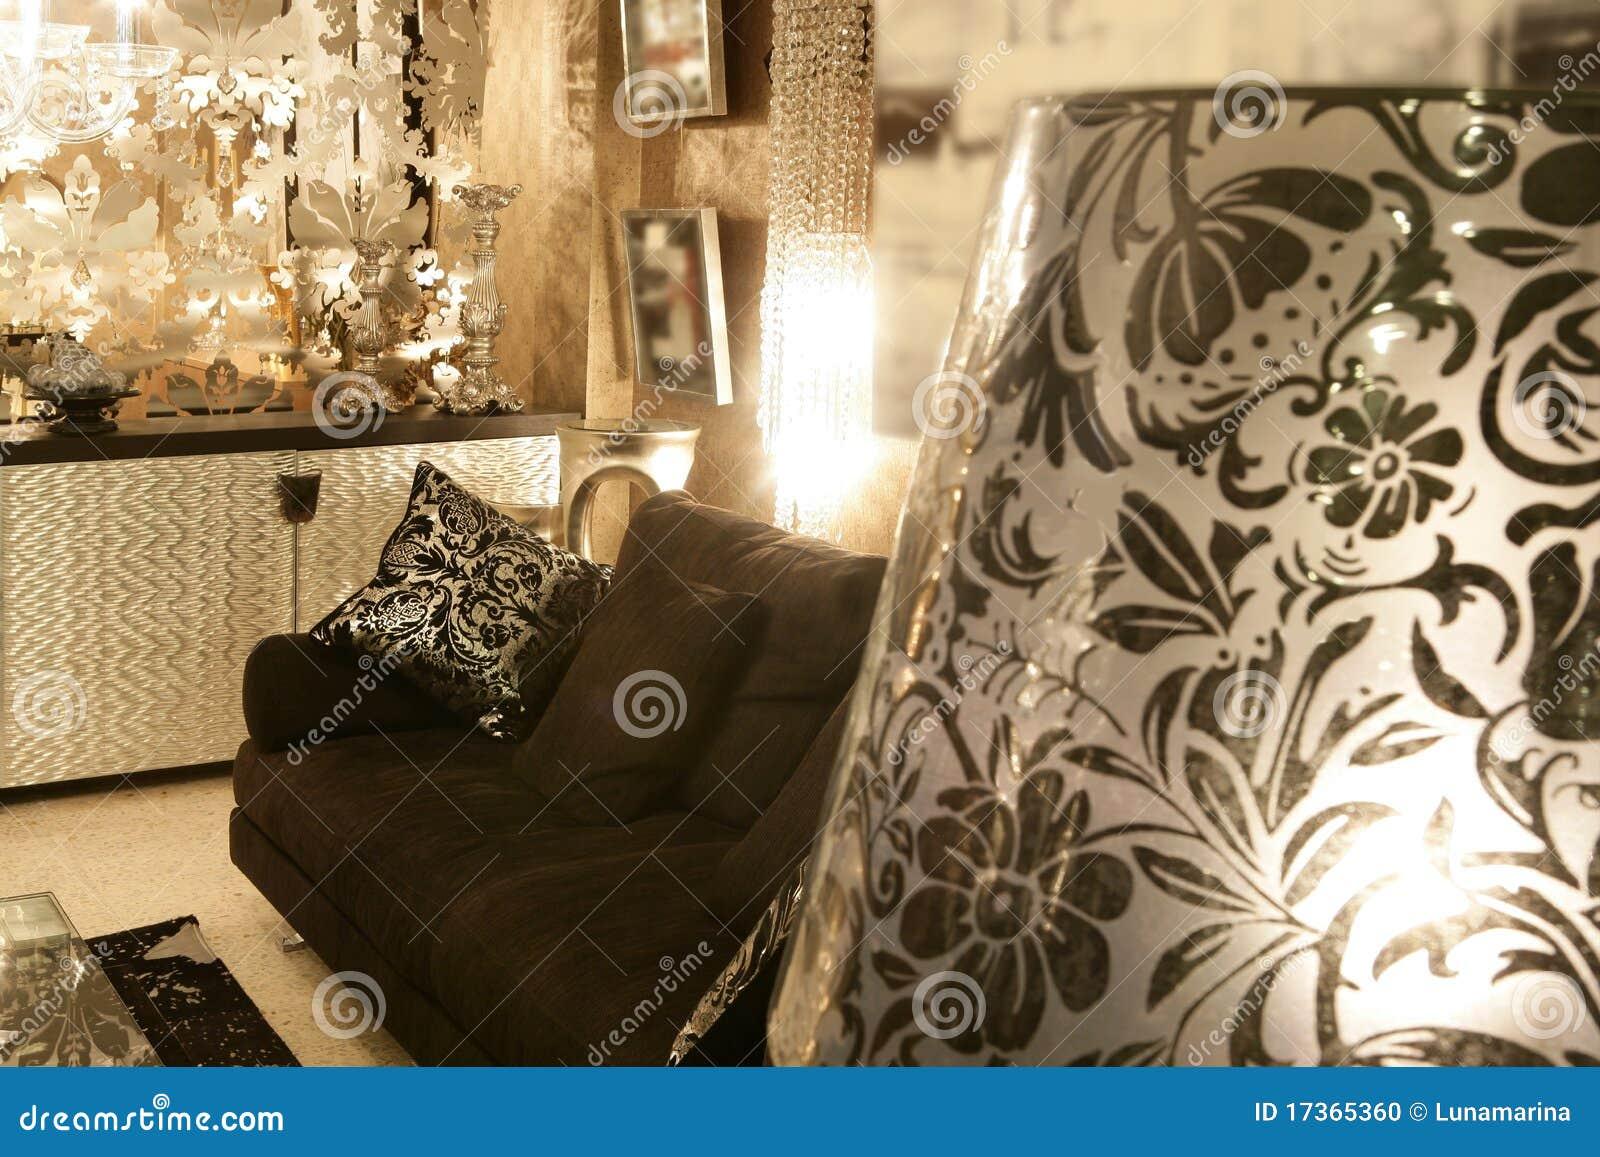 Van de de bus het zwarte bank van de woonkamer zilveren meubilair stock foto afbeelding 17365360 - Na de zwarte bank ...